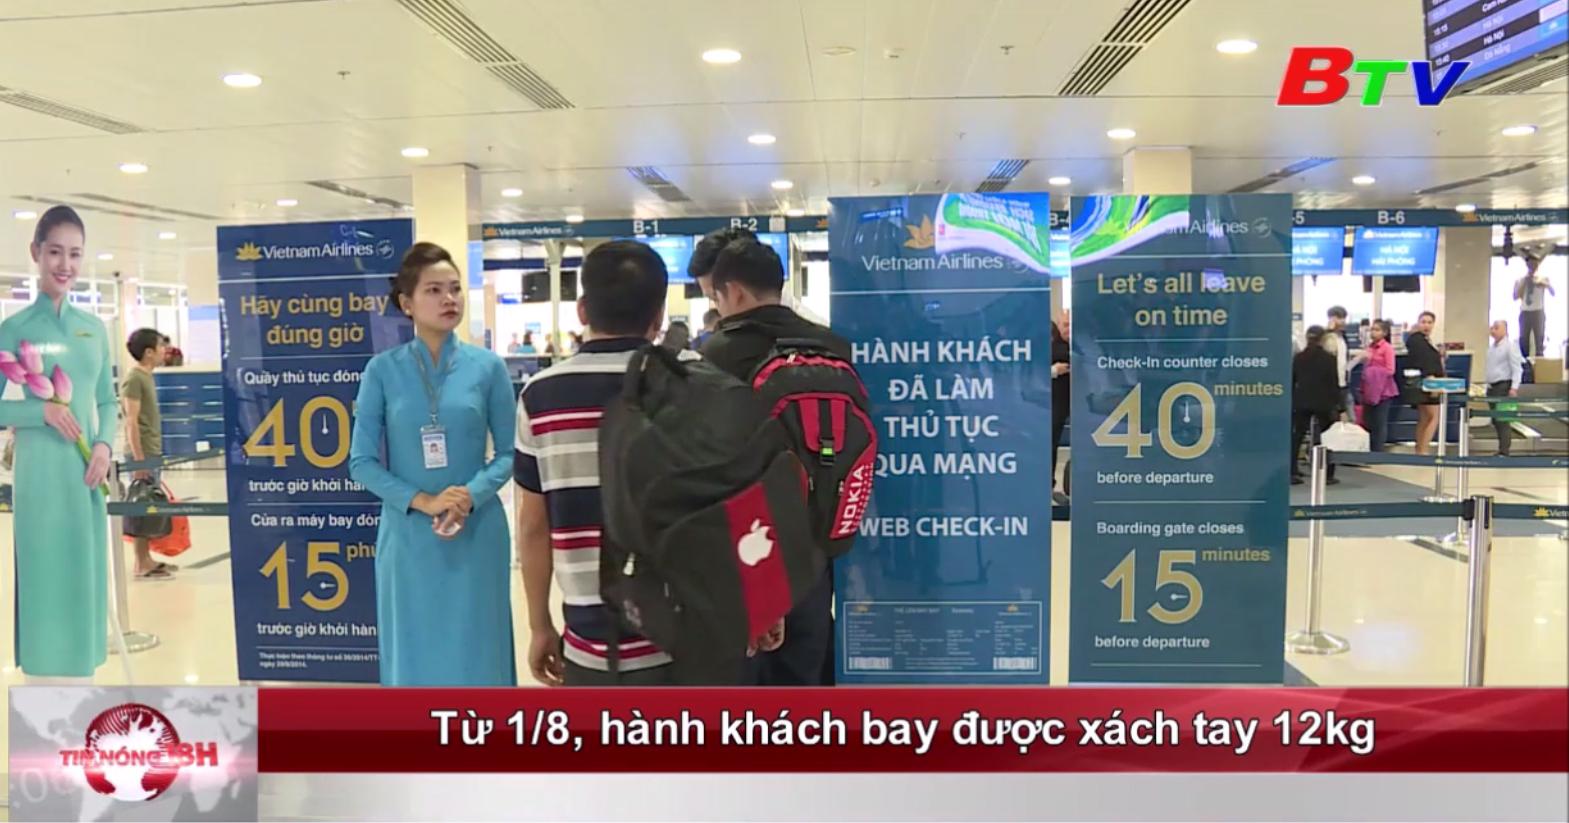 Từ 1/8, hành khách bay được xách tay 12kg